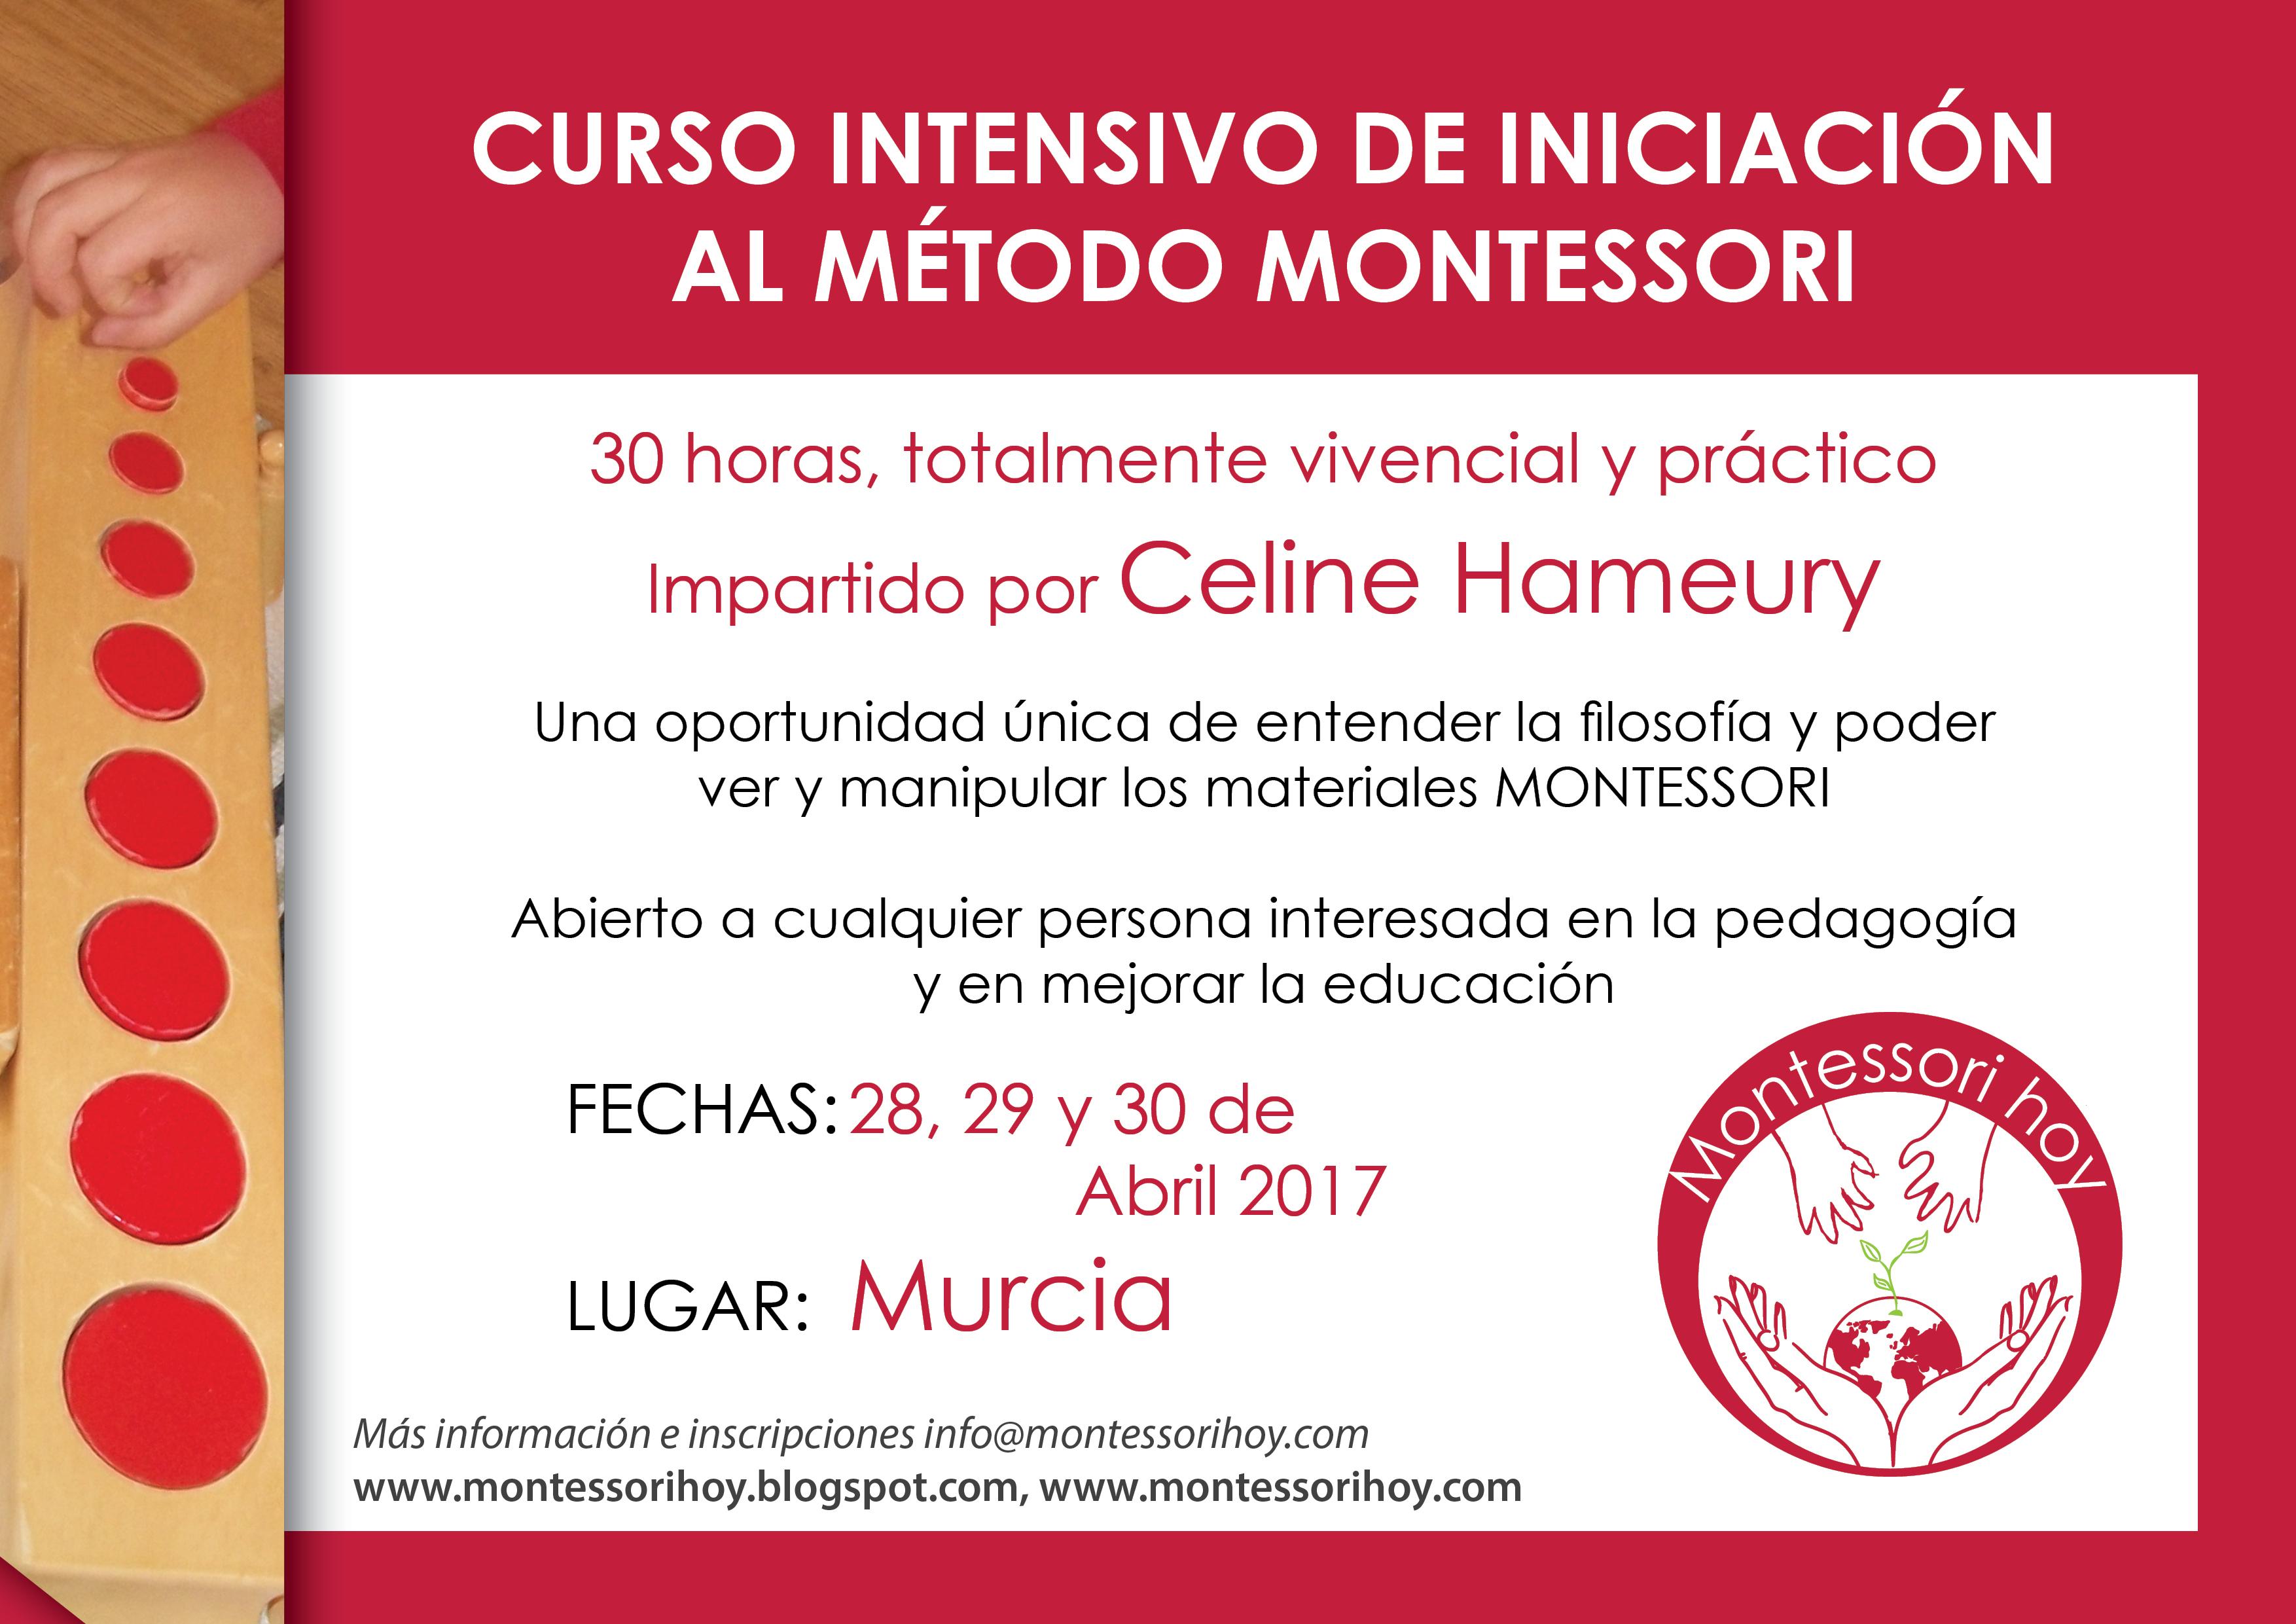 16-06-11 CURSO INTENSIVO MONTESSORI murcia